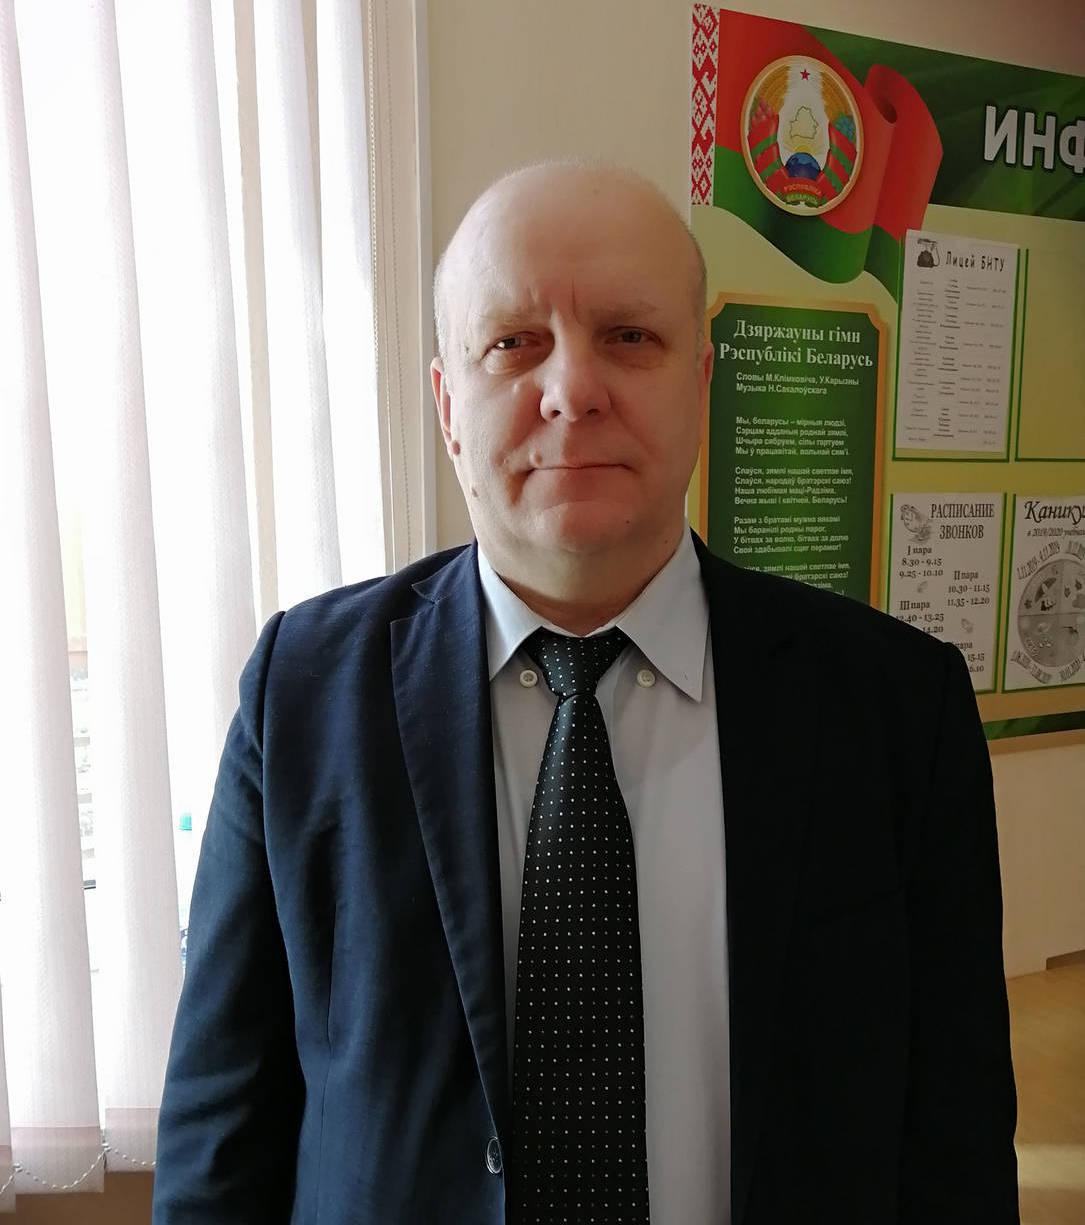 Климов Сергей Геннадьевич